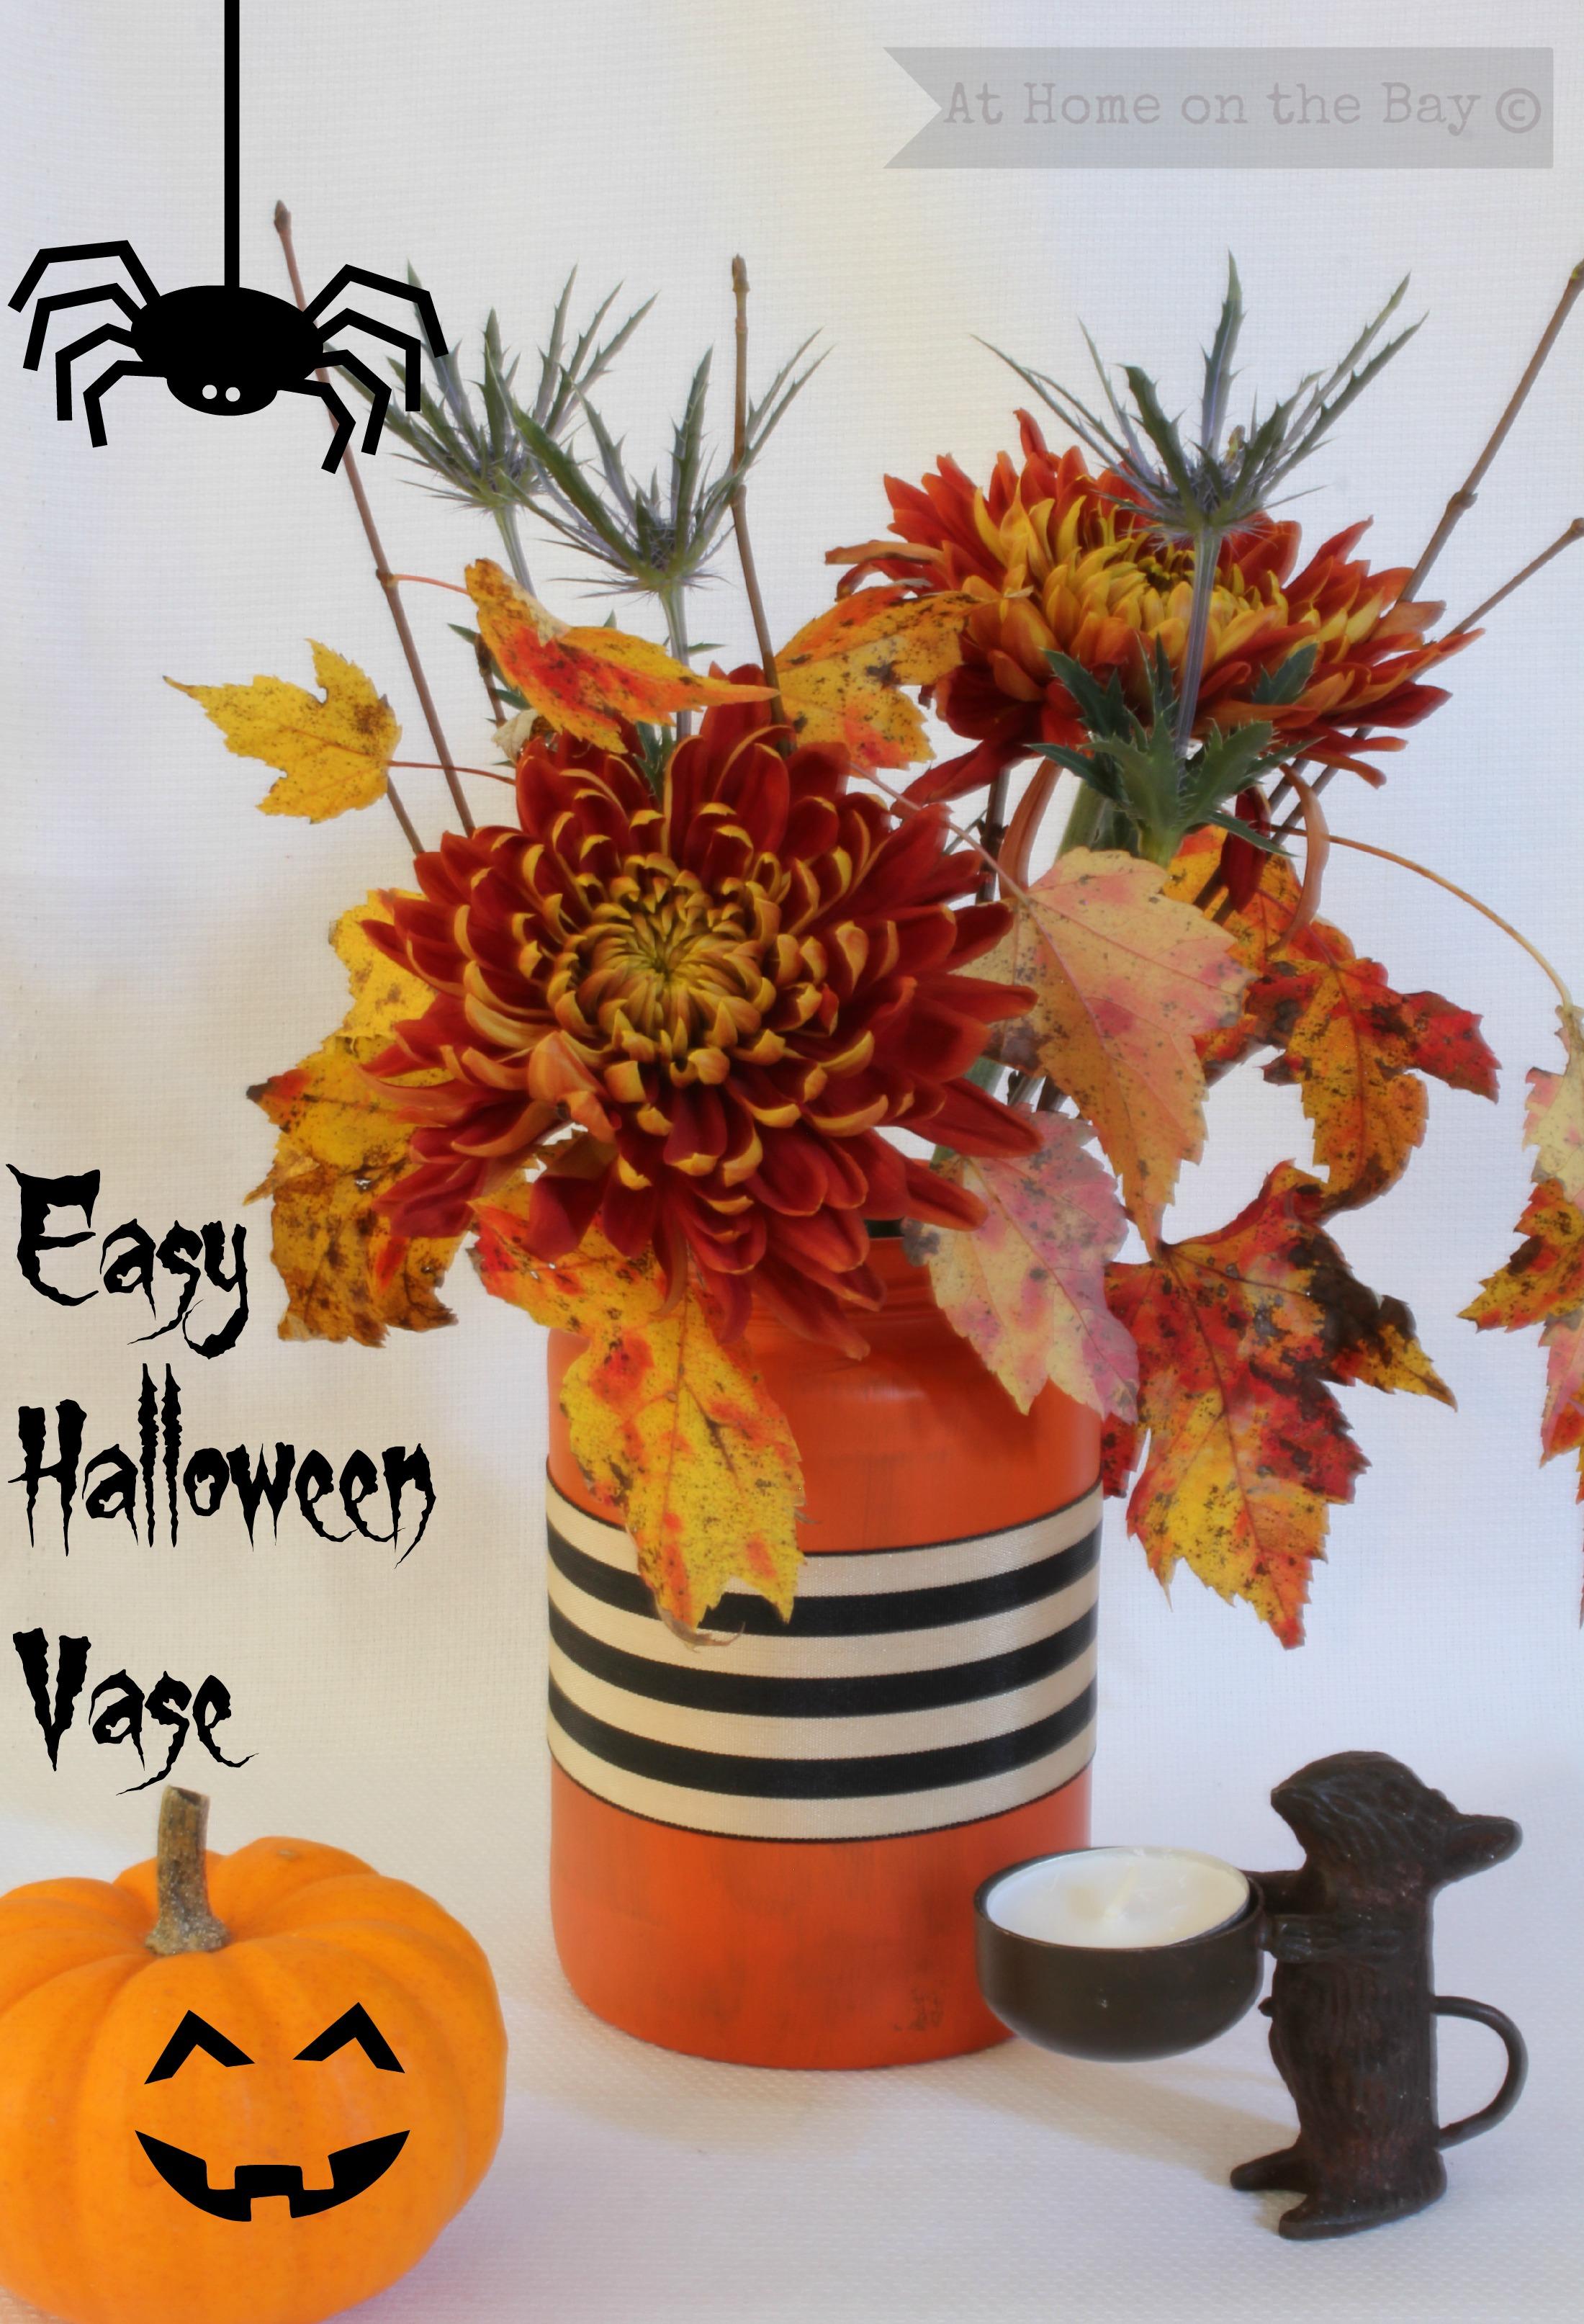 Easy Halloween Vase